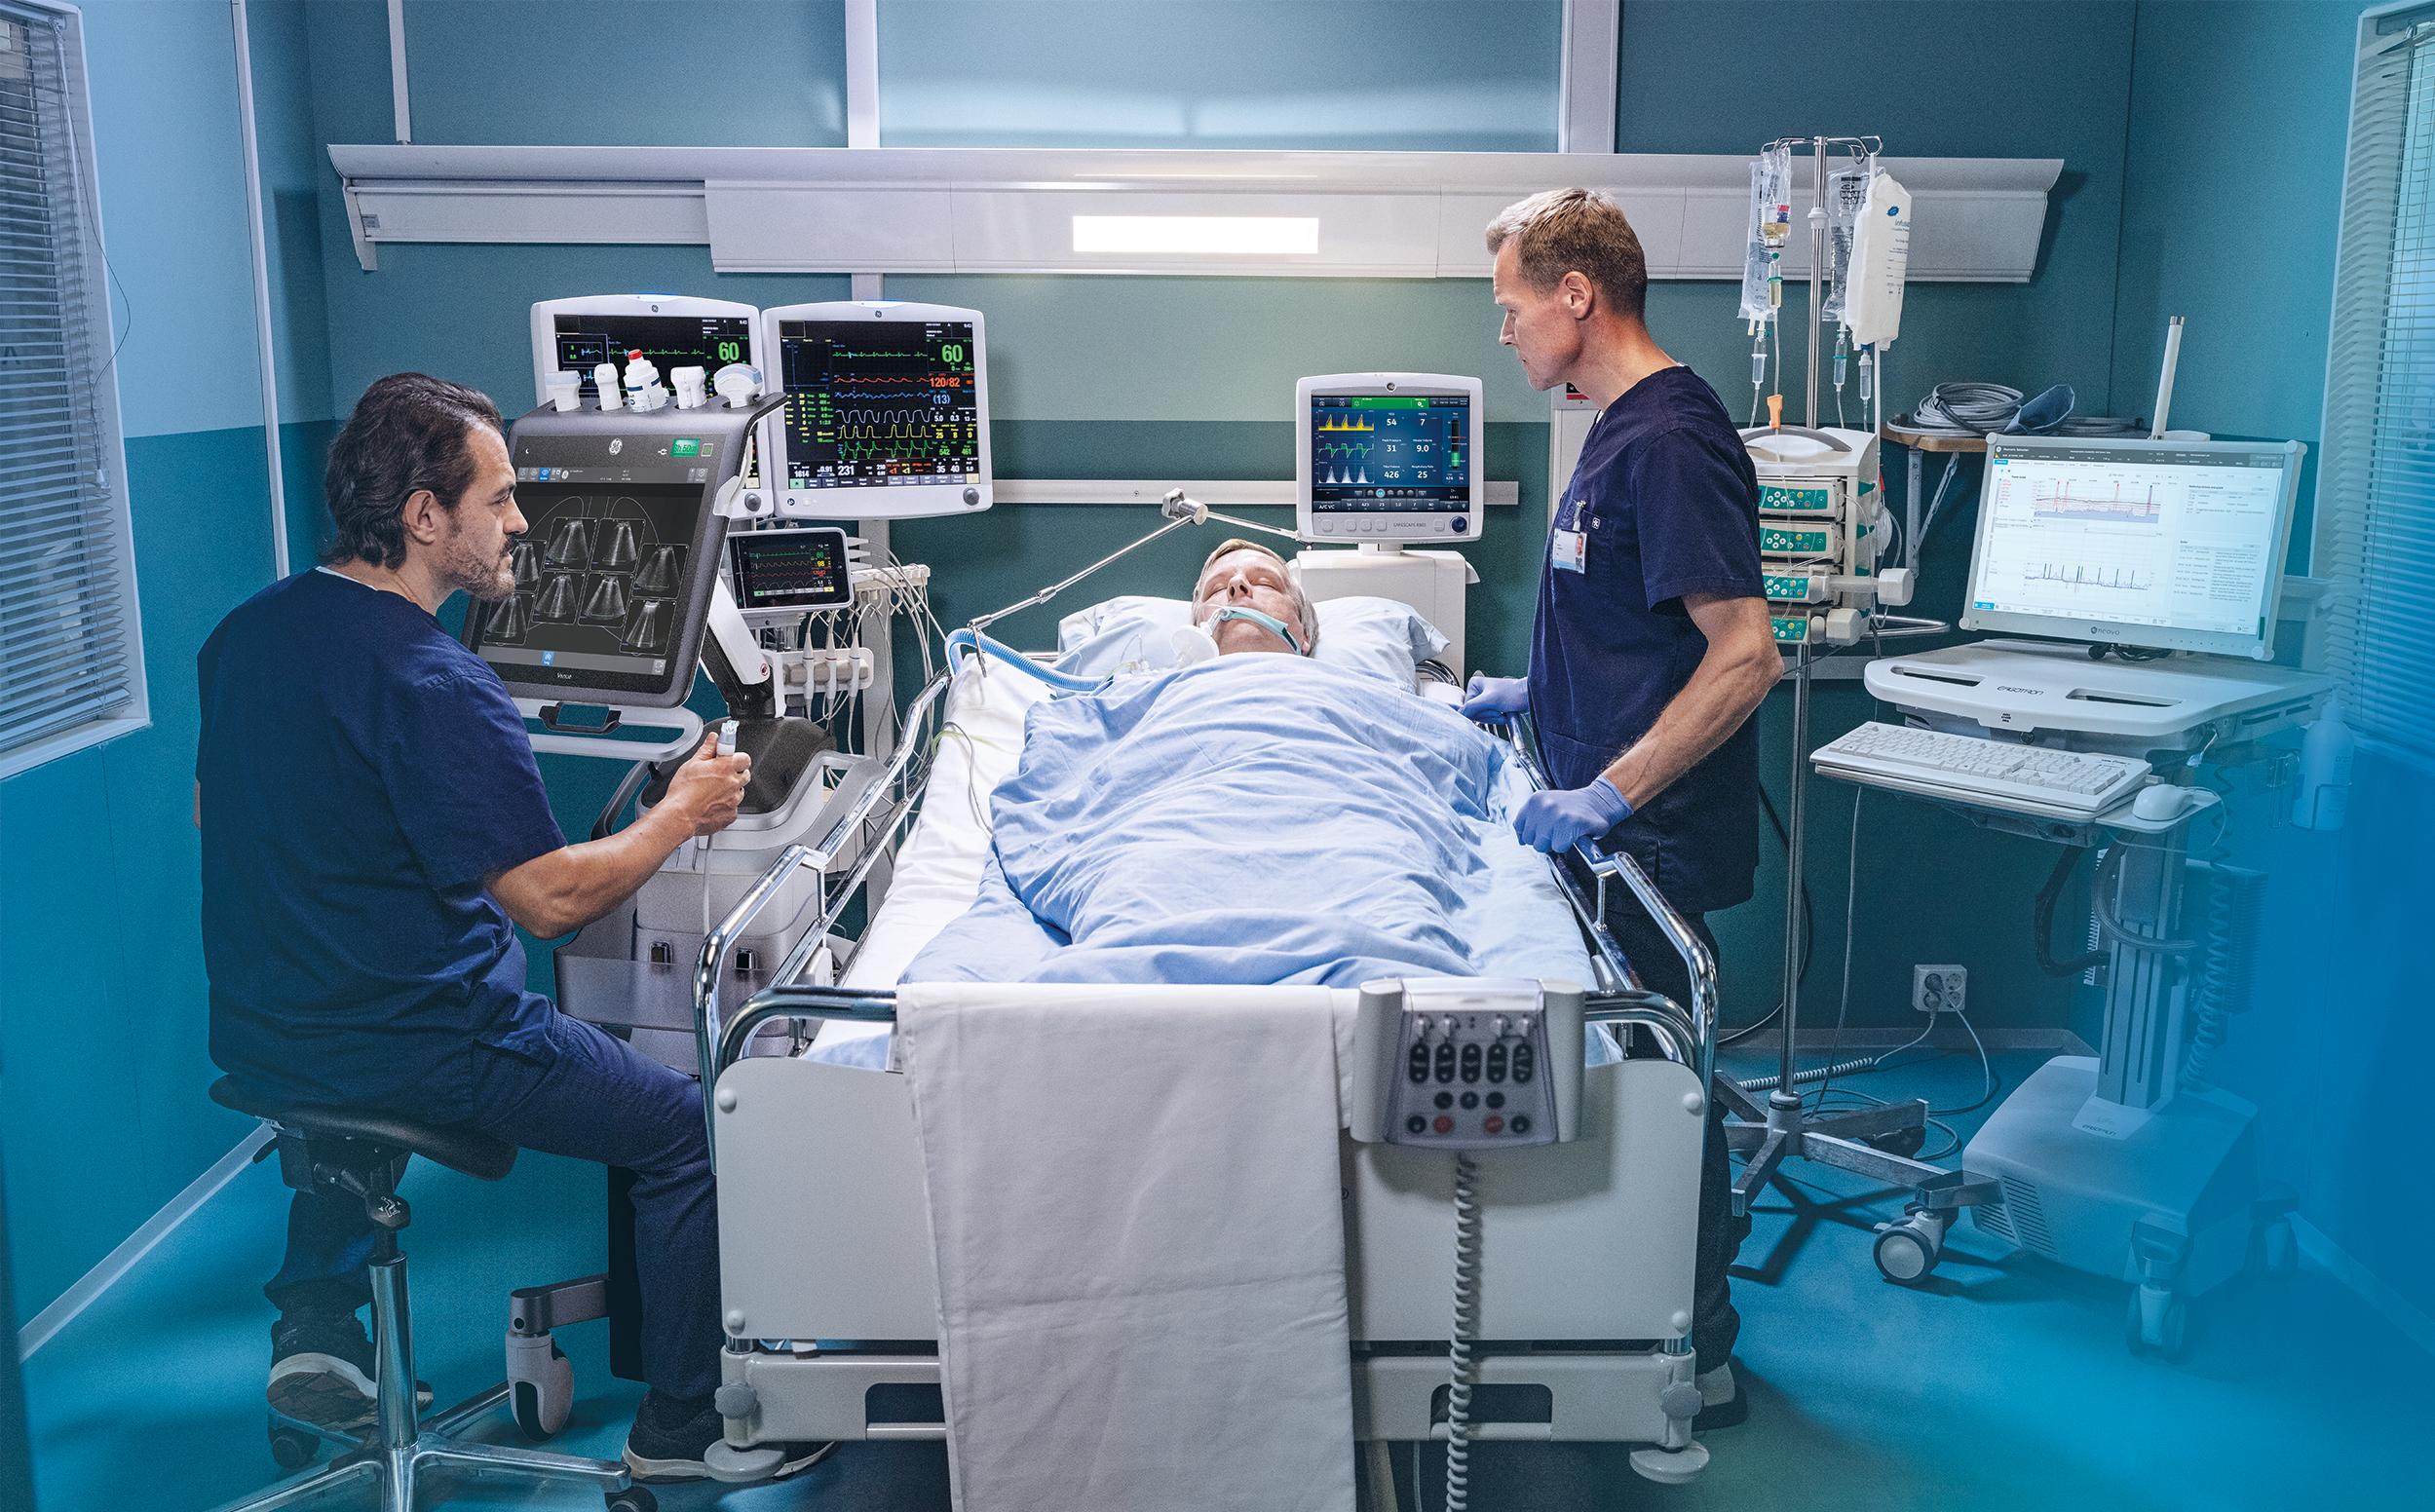 Bác sĩ ICU nói về thực trạng Covid-19 ở Mỹ: Rất nhiều người trẻ vừa vào đã phải sử dụng đến máy thở